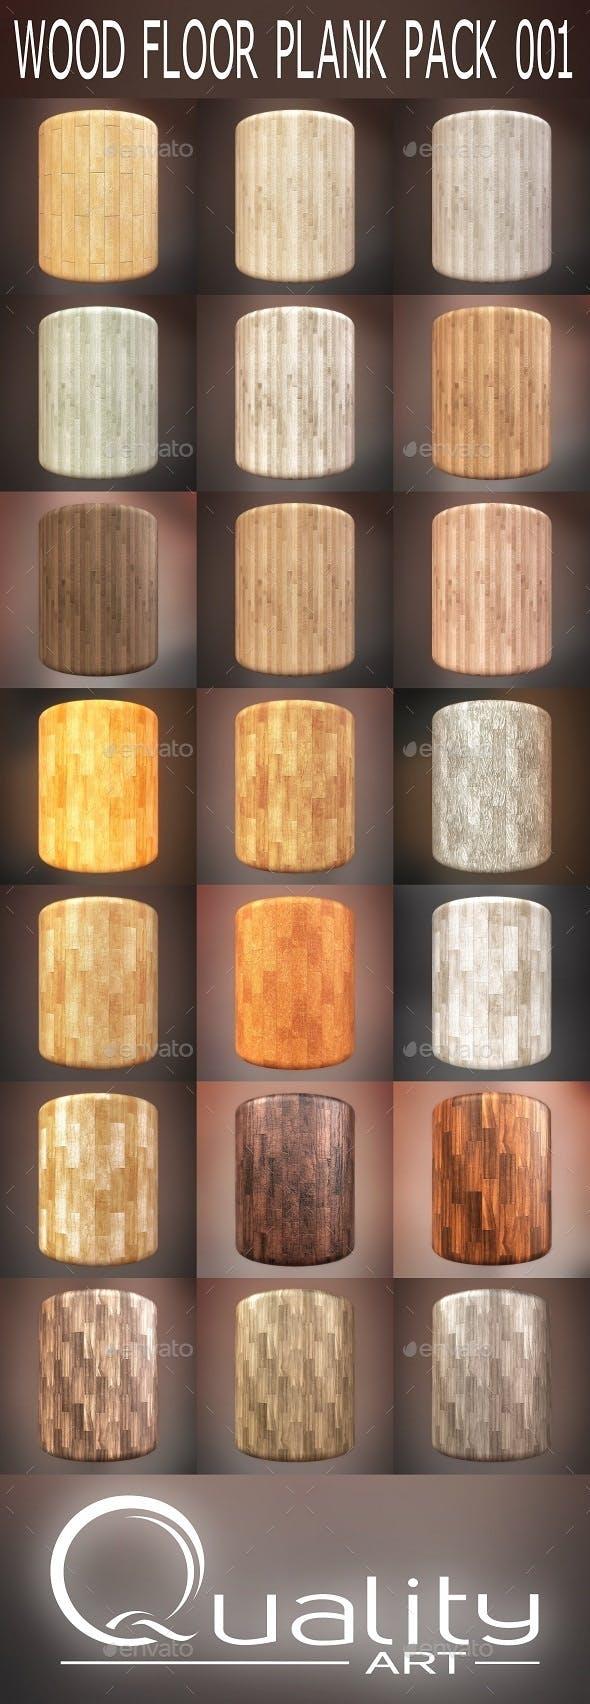 Wood Floor Plank Pack 001 - 3DOcean Item for Sale